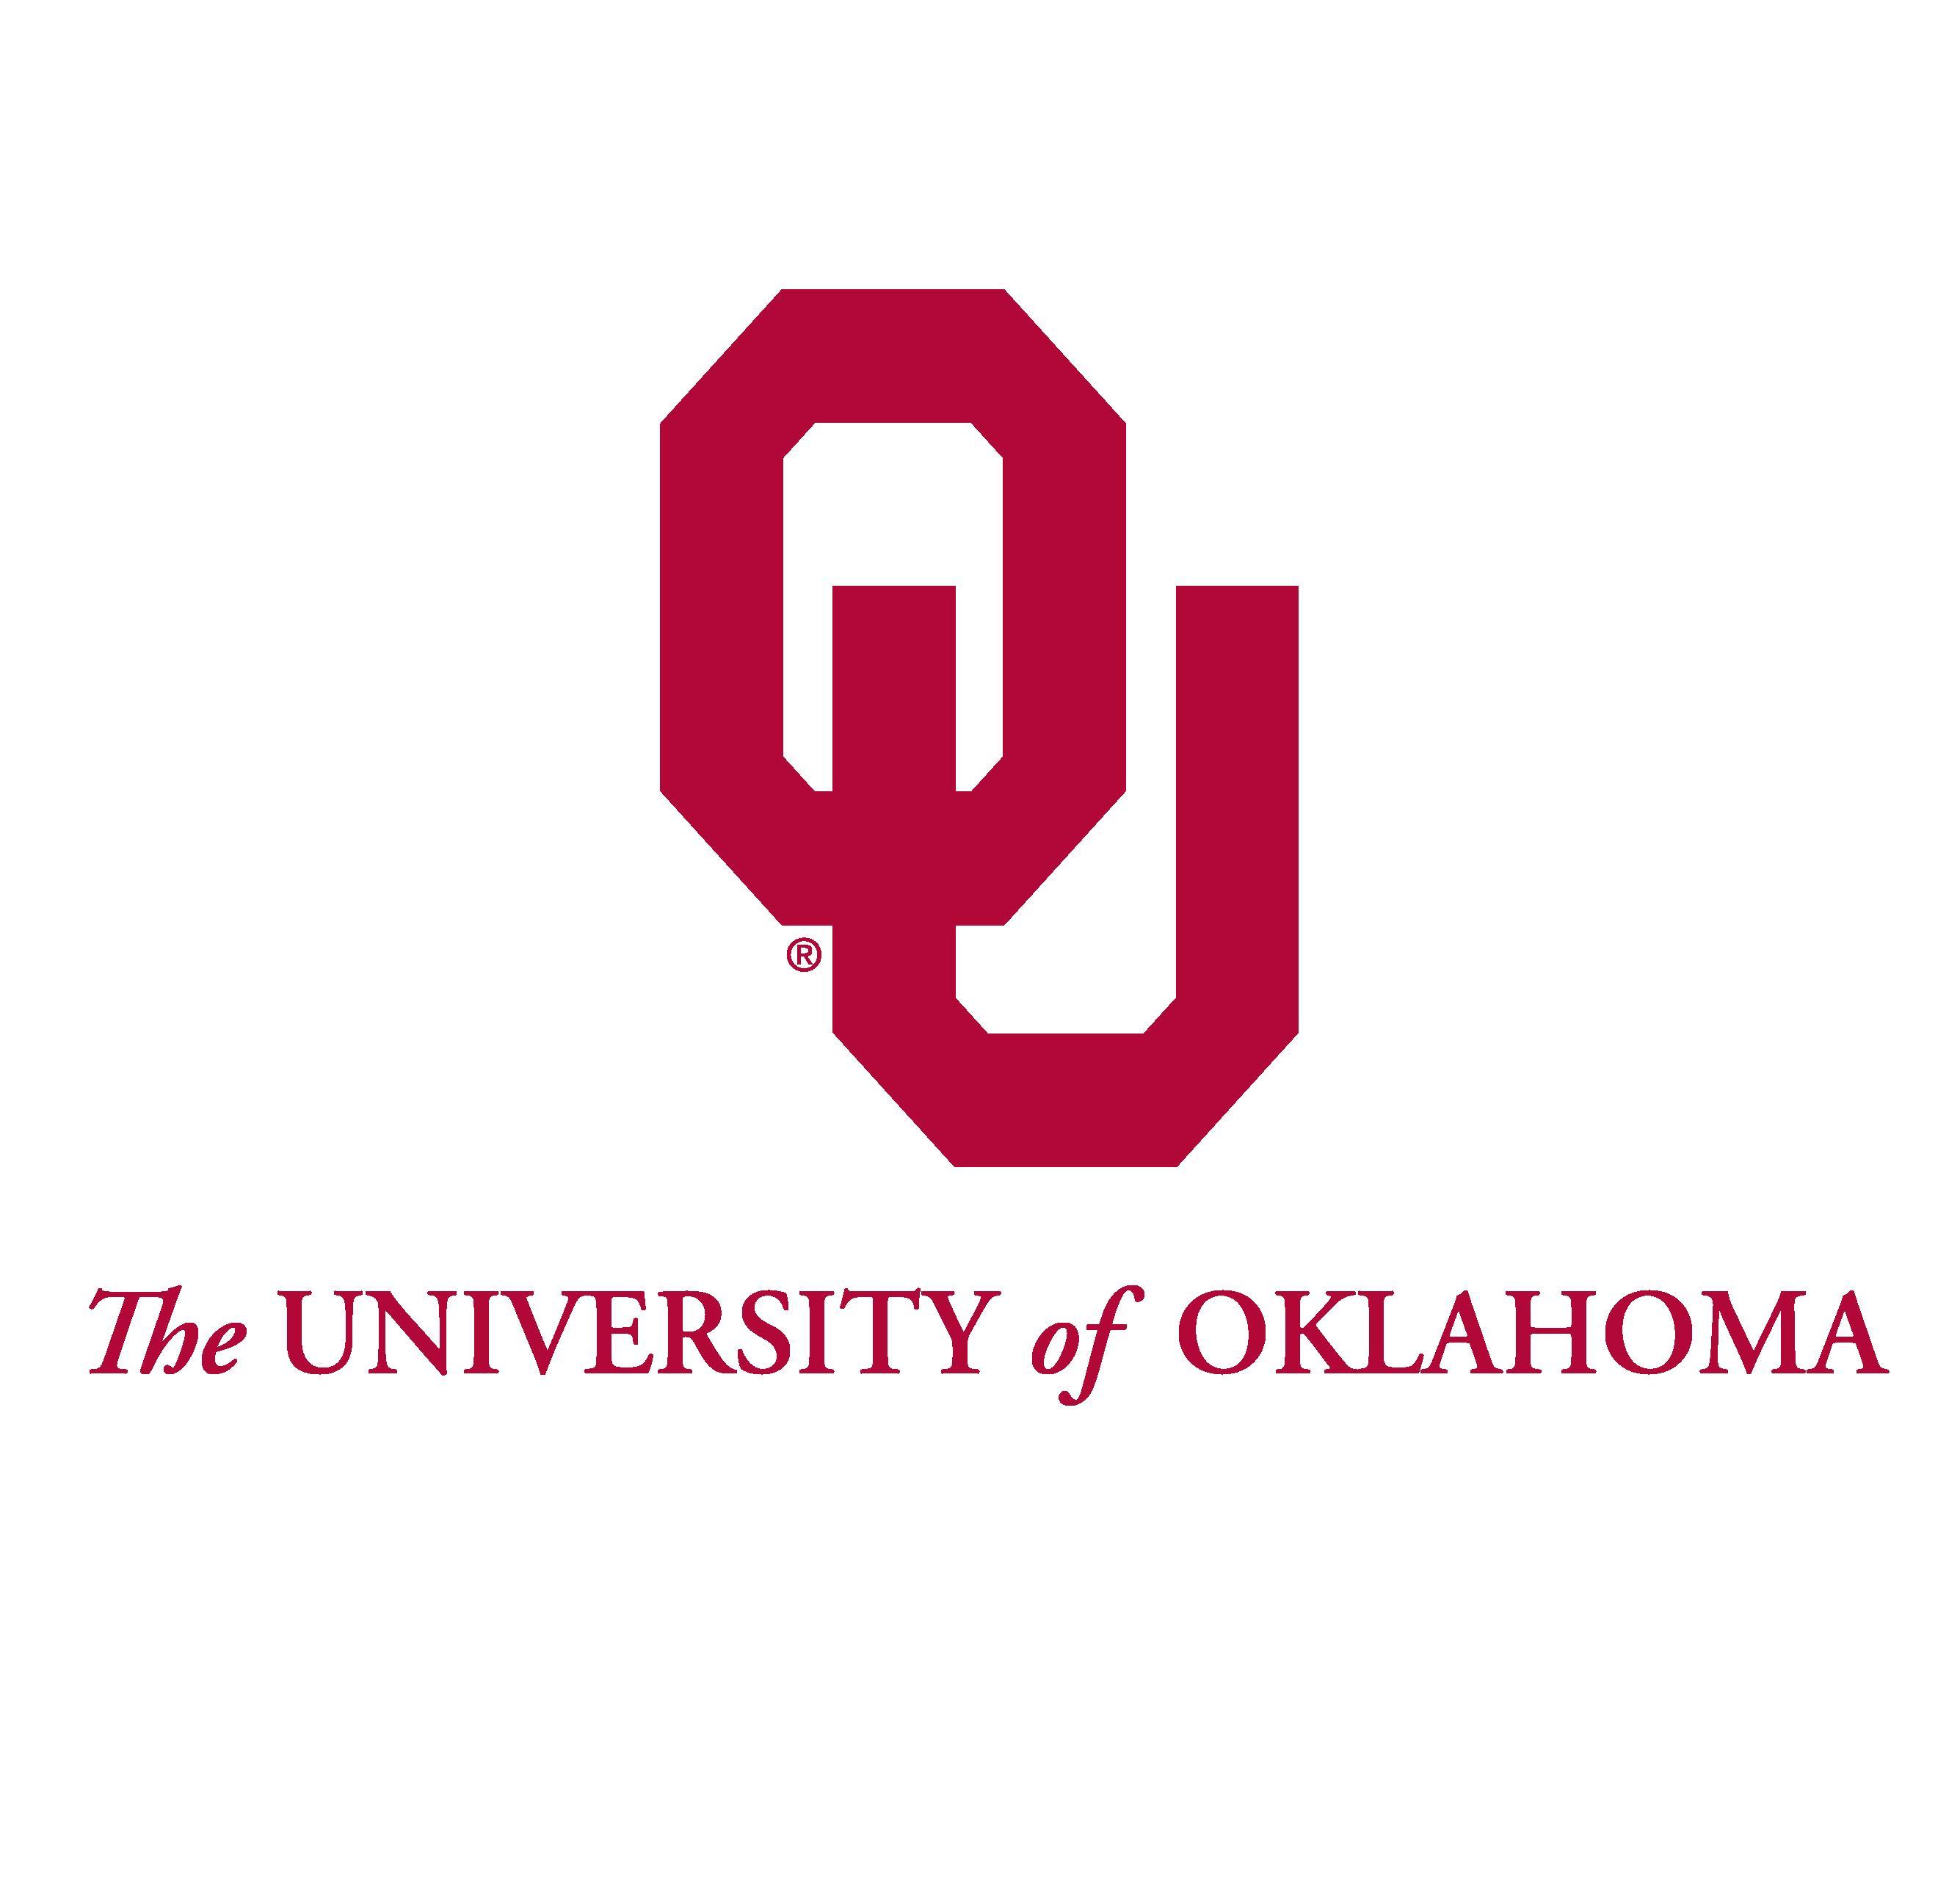 2670x2583 University Of Oklahoma Logo Clip Art